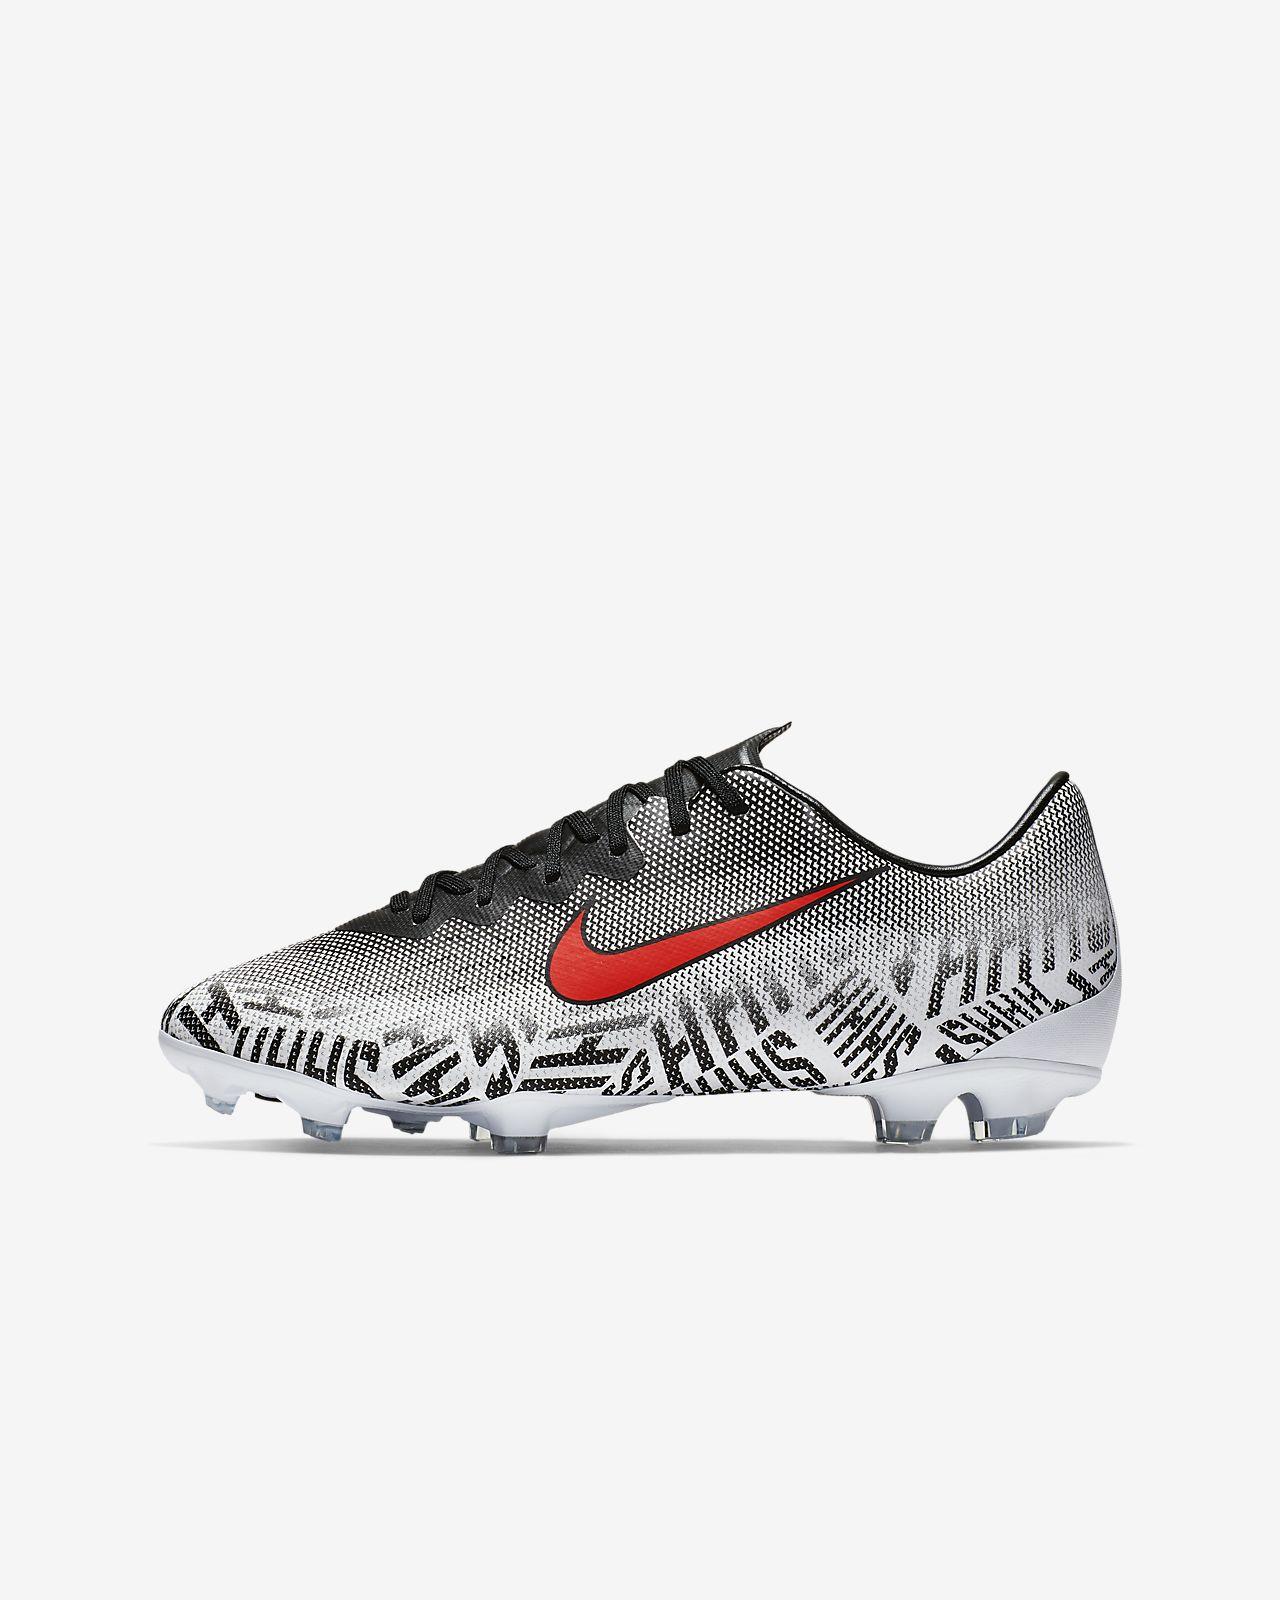 Fotbollssko för gräs Nike Jr. Mercurial Vapor 12 Elite Neymar Jr. FG för ungdom